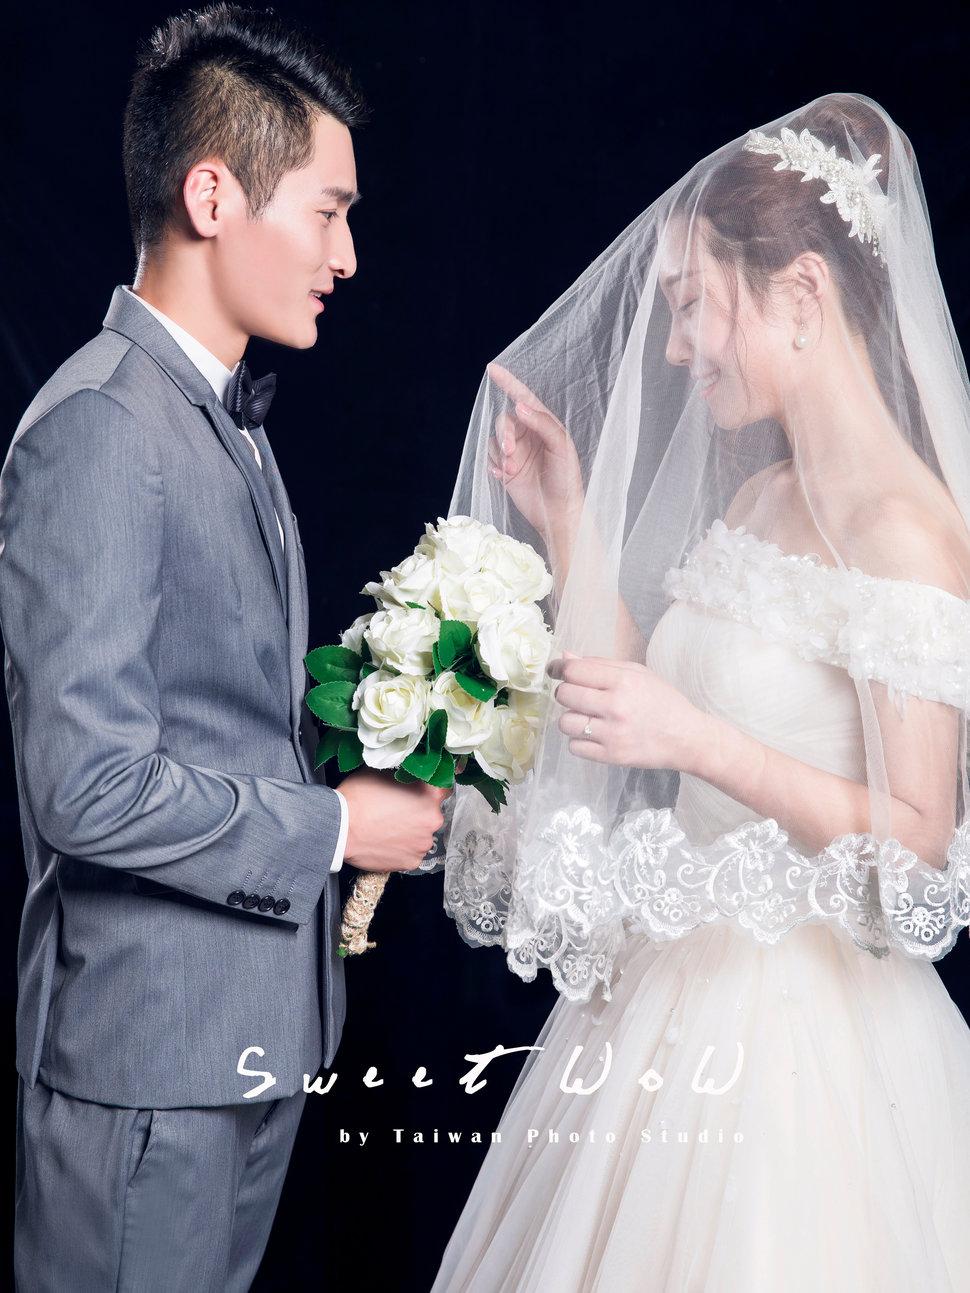 高雄拍婚紗照-高雄平價婚紗 - 幸福窩攝影工作室-高雄自助婚紗攝影照相館《結婚吧》